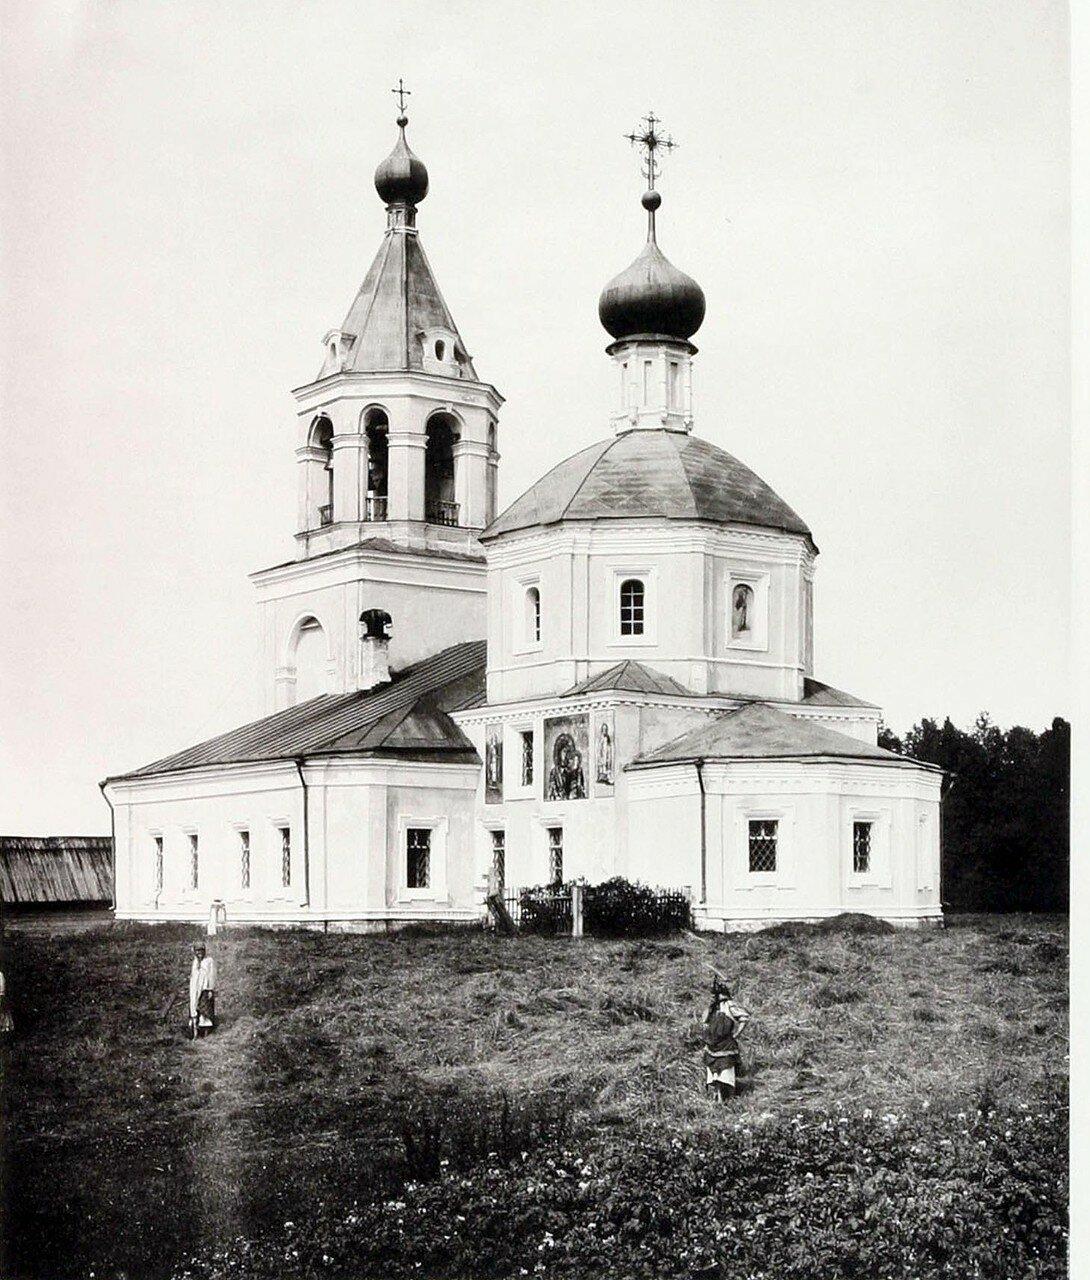 439. Окрестности Москвы. Церковь в селе Леонове